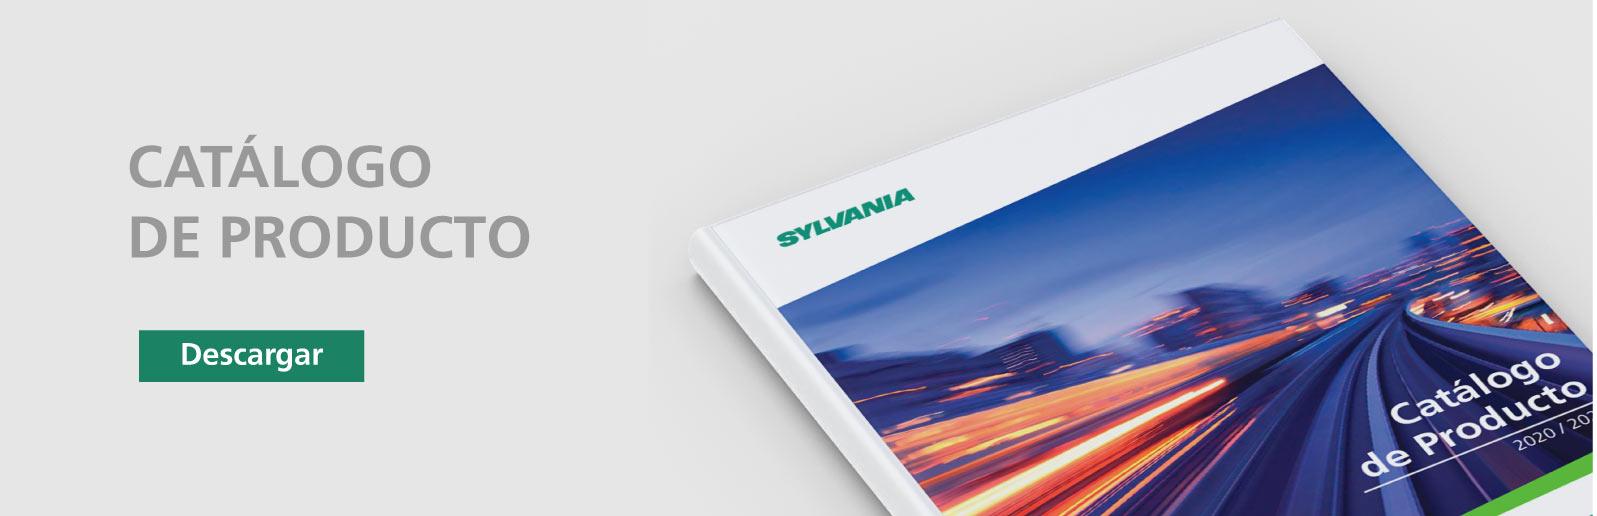 catalogo-sylvania-costa-rica-